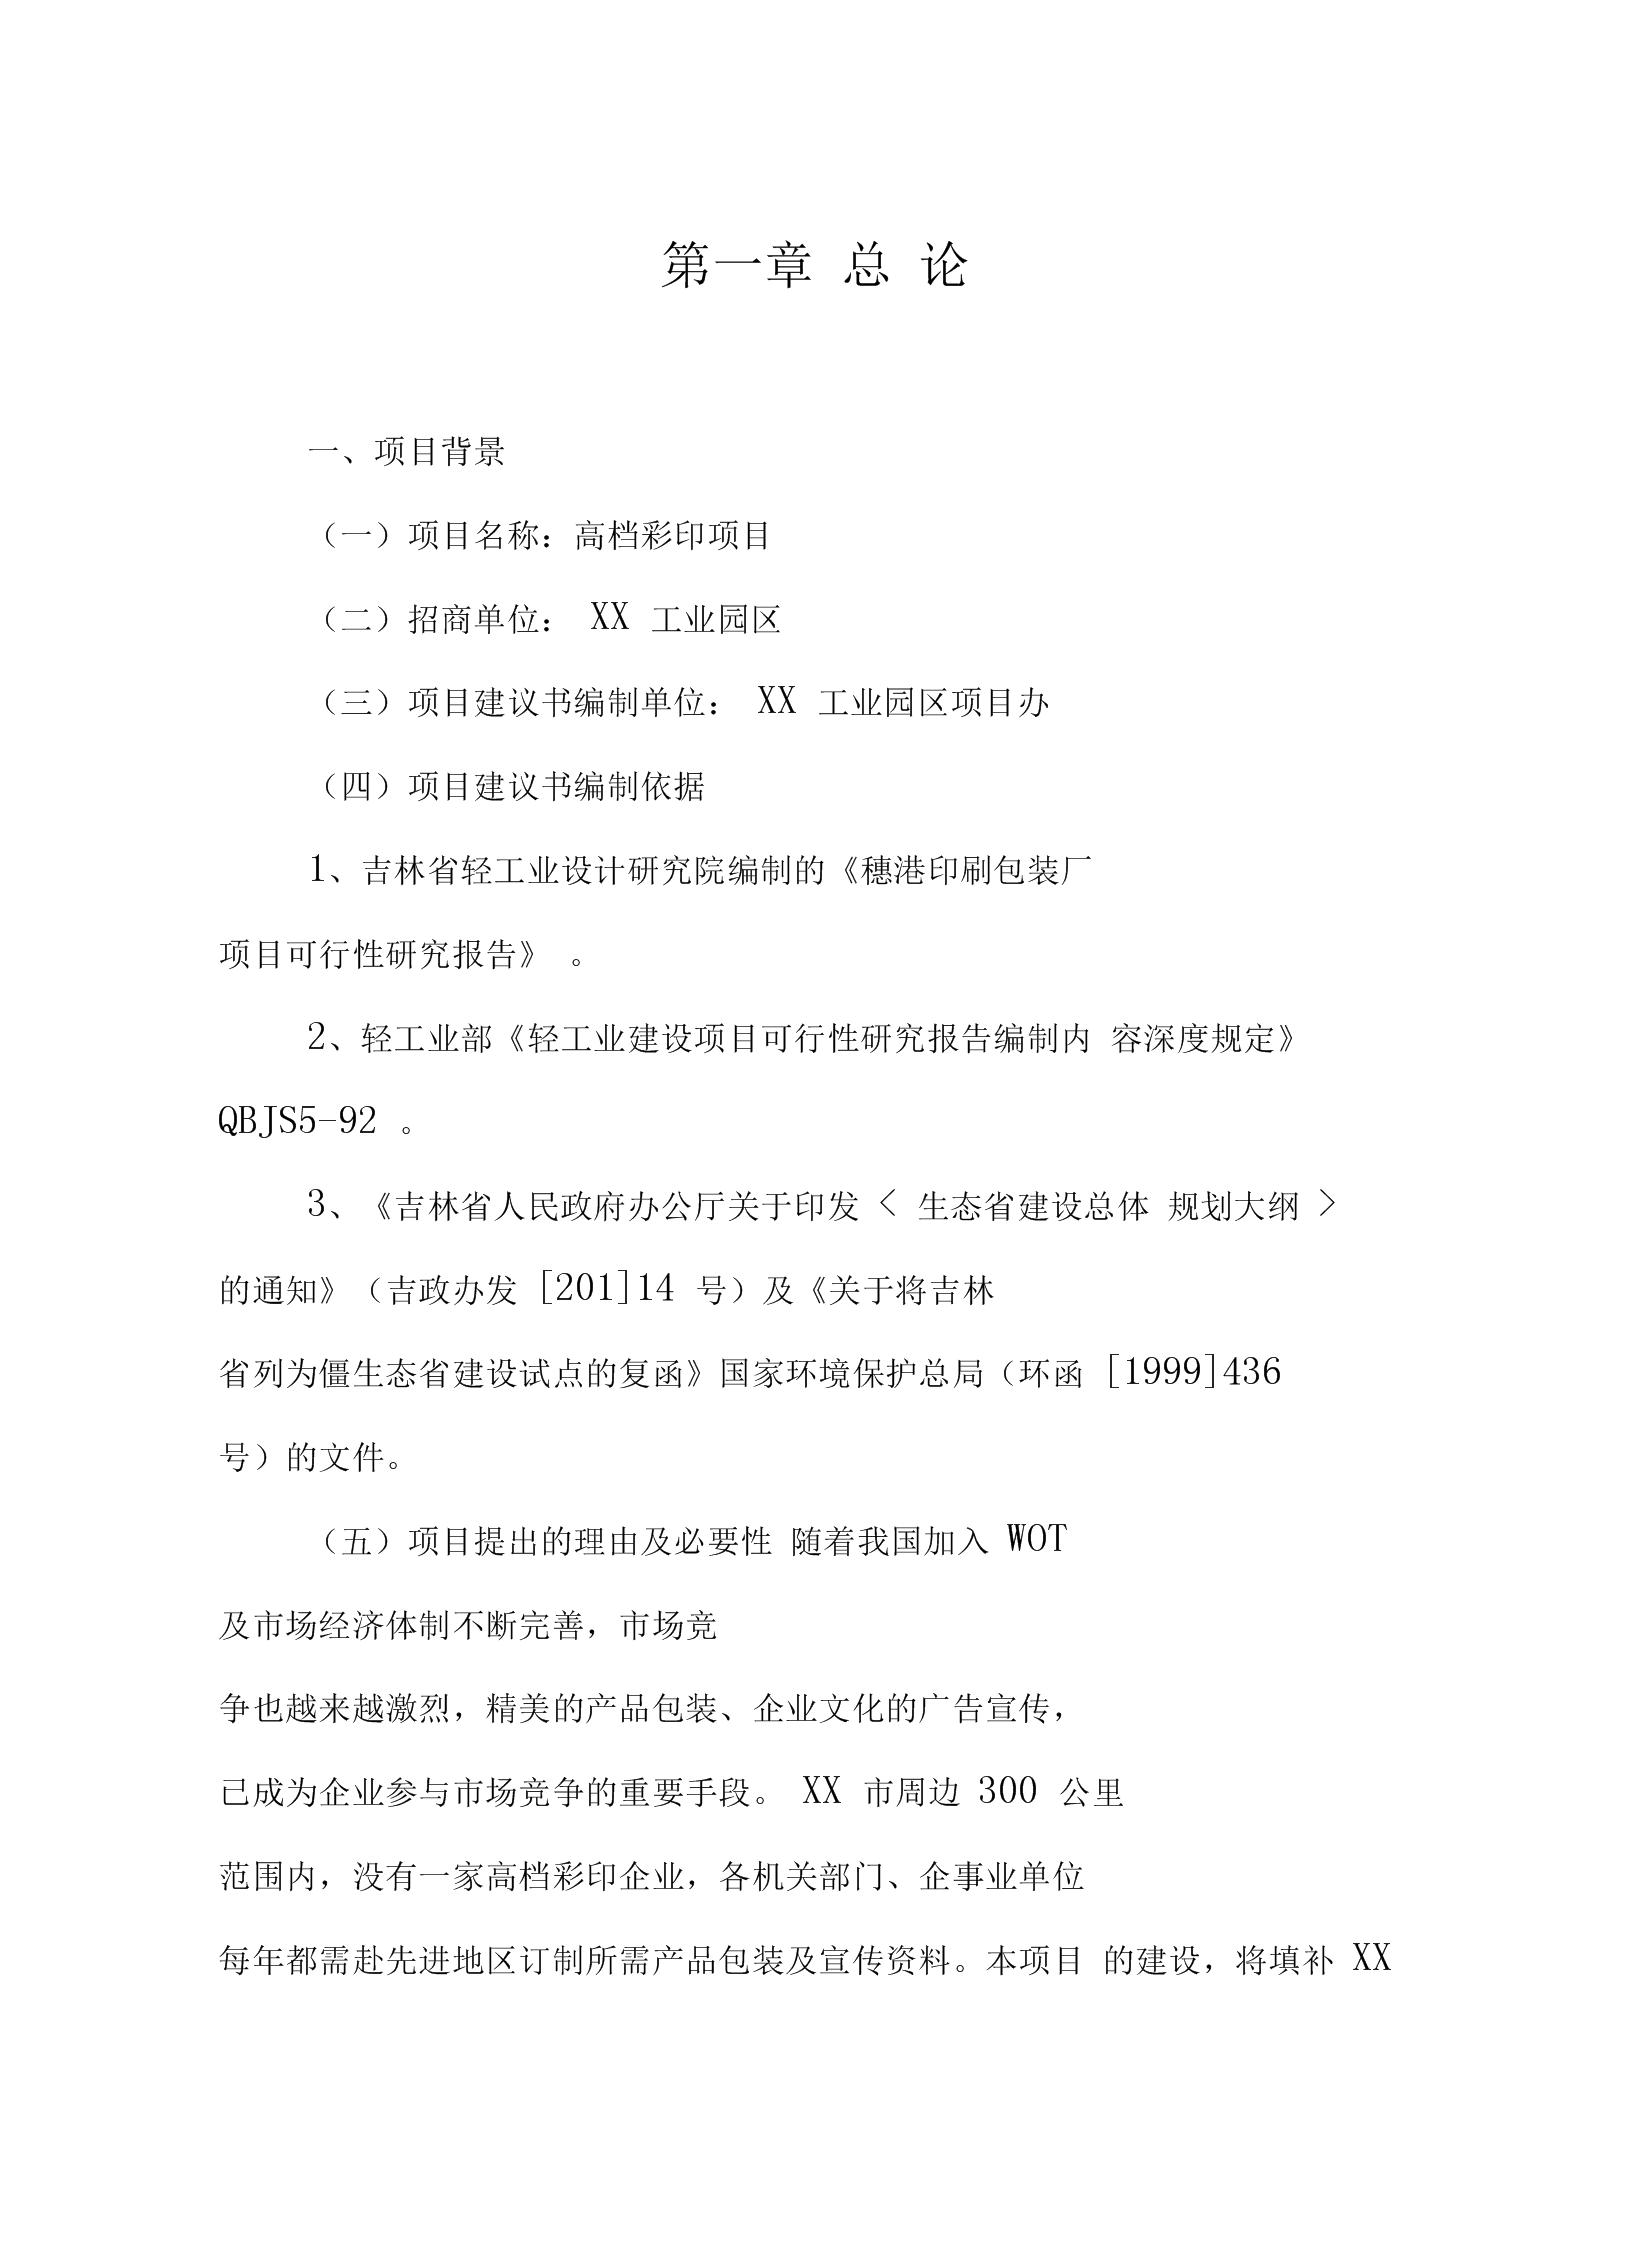 高档彩印项目建议书.docx